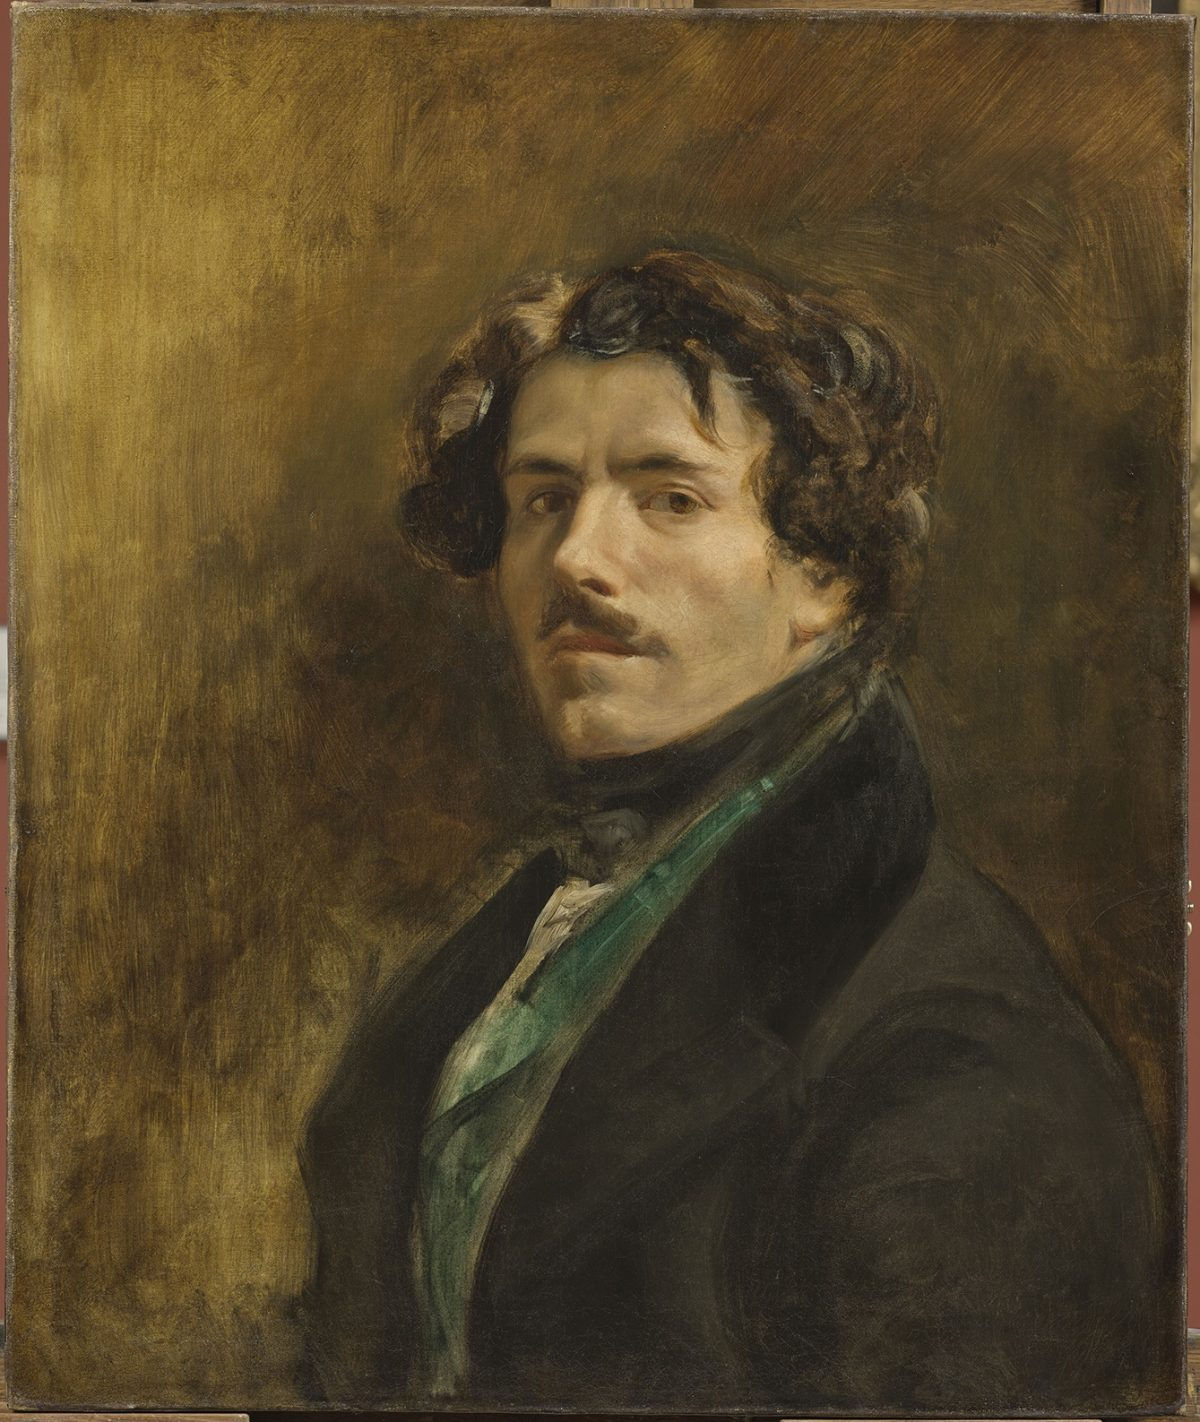 """""""Self-Portrait with Green Vest,"""" circa 1837, by Eugène Delacroix (French, 1798– 1863). Oil on canvas, 25 9/16 inches by 21 7/16 inches, Musée du Louvre, Paris. (RMN–Grand Palais Musée du Louvre/Michel Urtado)"""